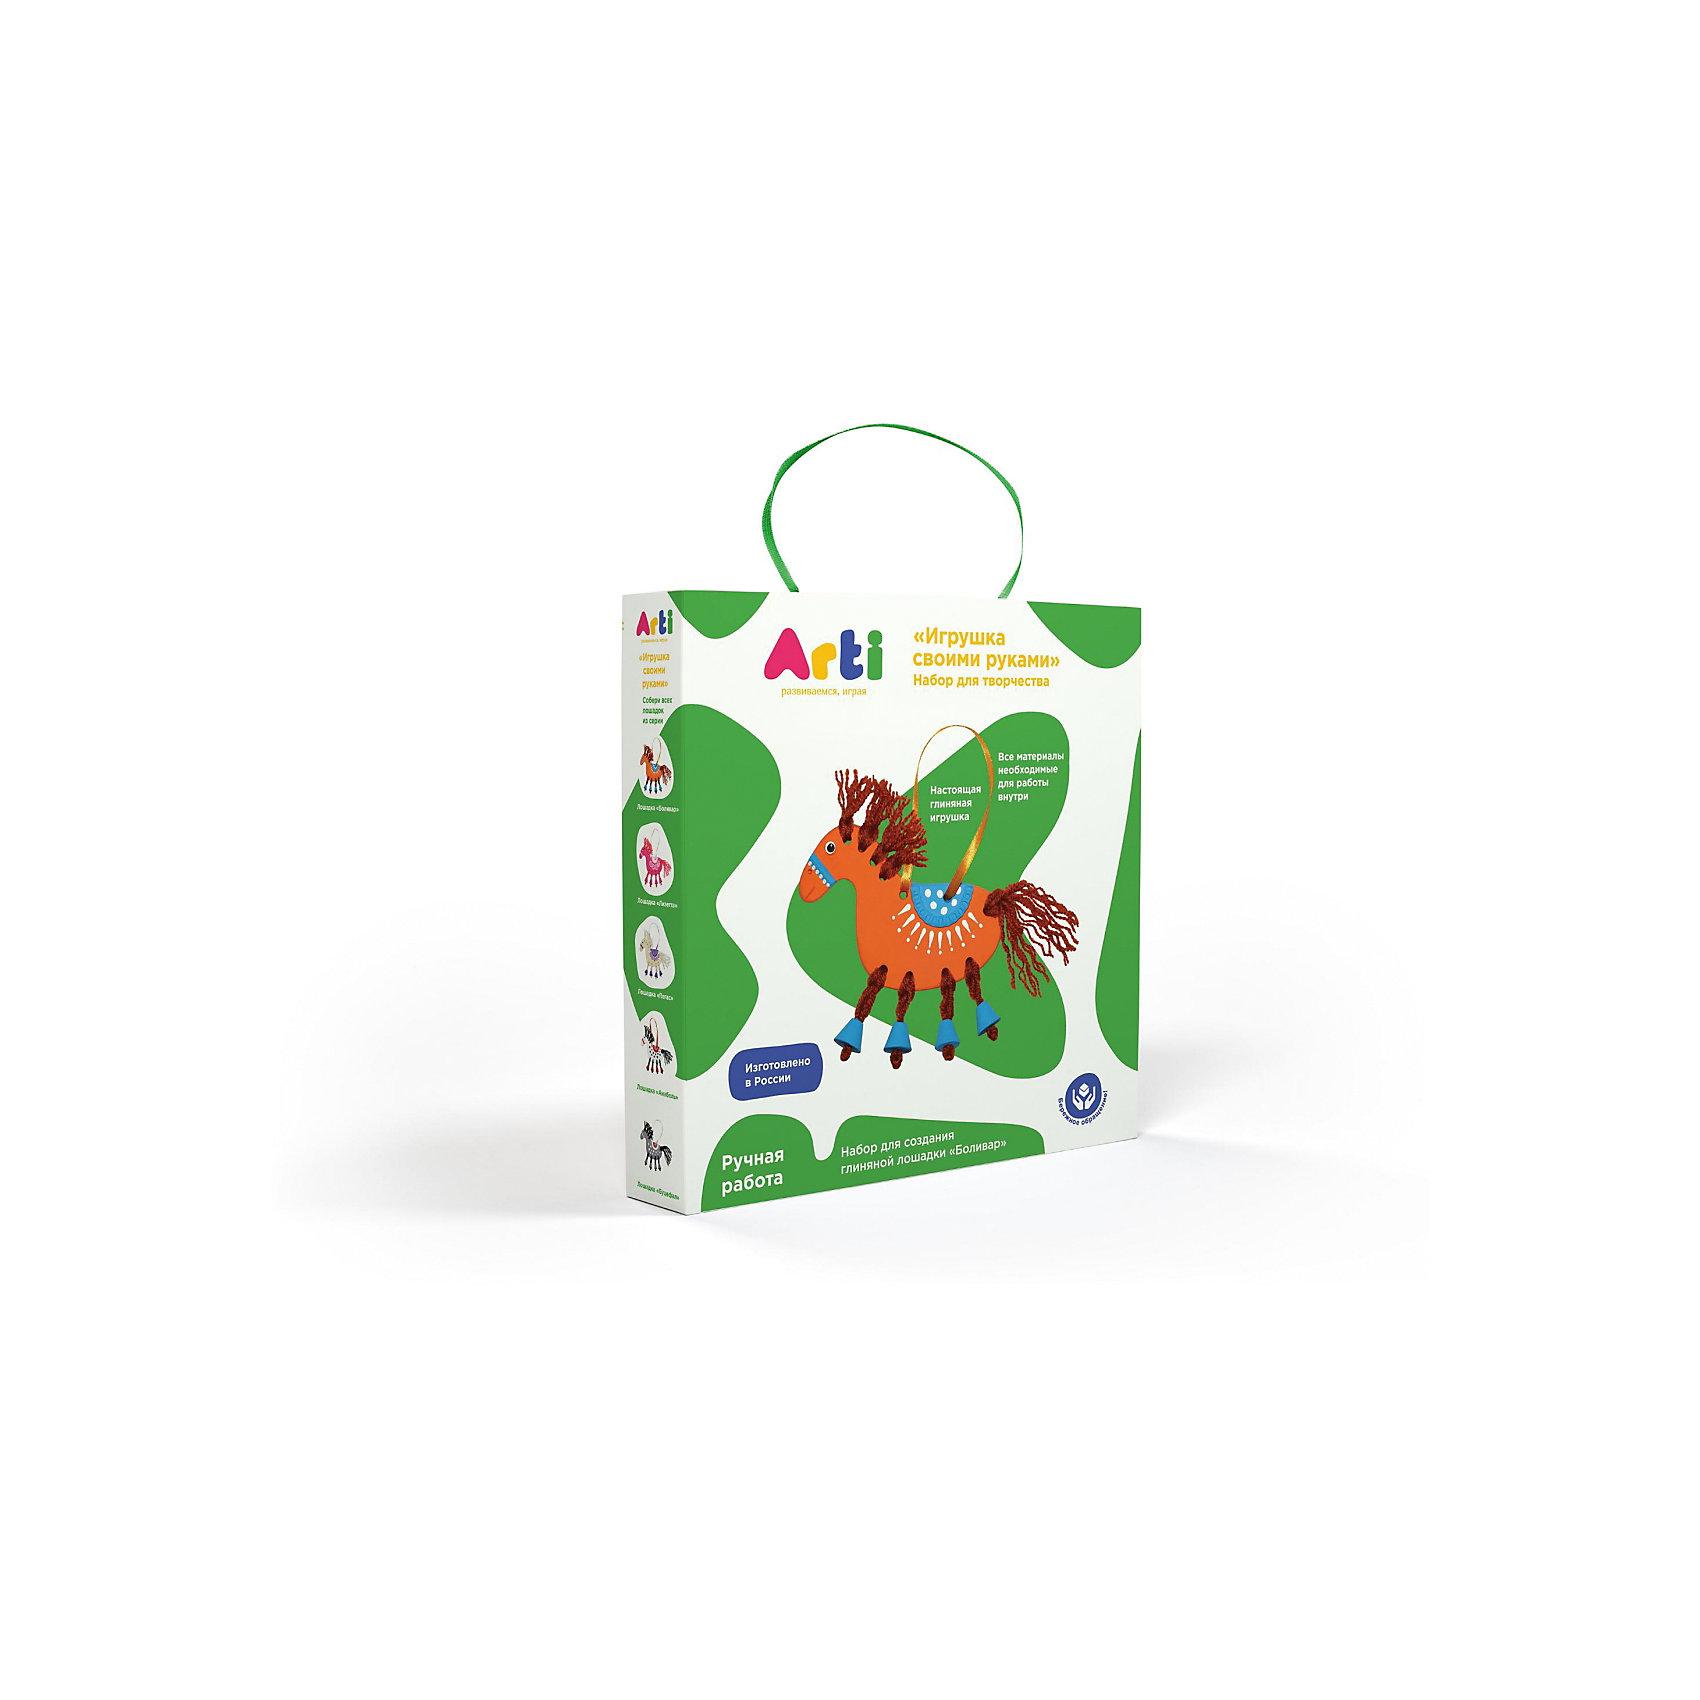 Набор для творчества Глиняная лошадка БоливарРисование<br>Набор для творчества Глиняная лошадка Боливар.<br><br>Характеристика: <br><br>• Возраст: от 3 лет<br>• Материал: глина, текстиль, краски, дерево, шерсть. <br>• Размер упаковки: 3х18х18 см. <br>• Комплектация: детали фигурки, акриловые краски, кисть, шерстяные нити, деревянная палочка для работы с нитями, ленточка для подвеса изделия.<br>• Объем 1 баночки с краской: 5 мл.<br>• Развивает моторику рук, мышление, внимание. фантазию, творческие способности. <br><br>С помощью этого замечательного набора ваш ребенок сможет создать яркую глиняную игрушку и раскрасить ее по своему вкусу. Все детали набора выполнены из высококачественных материалов. Доступная простая инструкция позволит детям самим сделать свою лошадку. Получившаяся фигурка обязательно украсит стену детской или же станет отличным подарком, сделанным своими руками. <br><br>Набор для творчества Глиняная лошадка Боливар можно купить в нашем интернет-магазине.<br><br>Ширина мм: 180<br>Глубина мм: 180<br>Высота мм: 30<br>Вес г: 282<br>Возраст от месяцев: 36<br>Возраст до месяцев: 2147483647<br>Пол: Унисекс<br>Возраст: Детский<br>SKU: 5487913